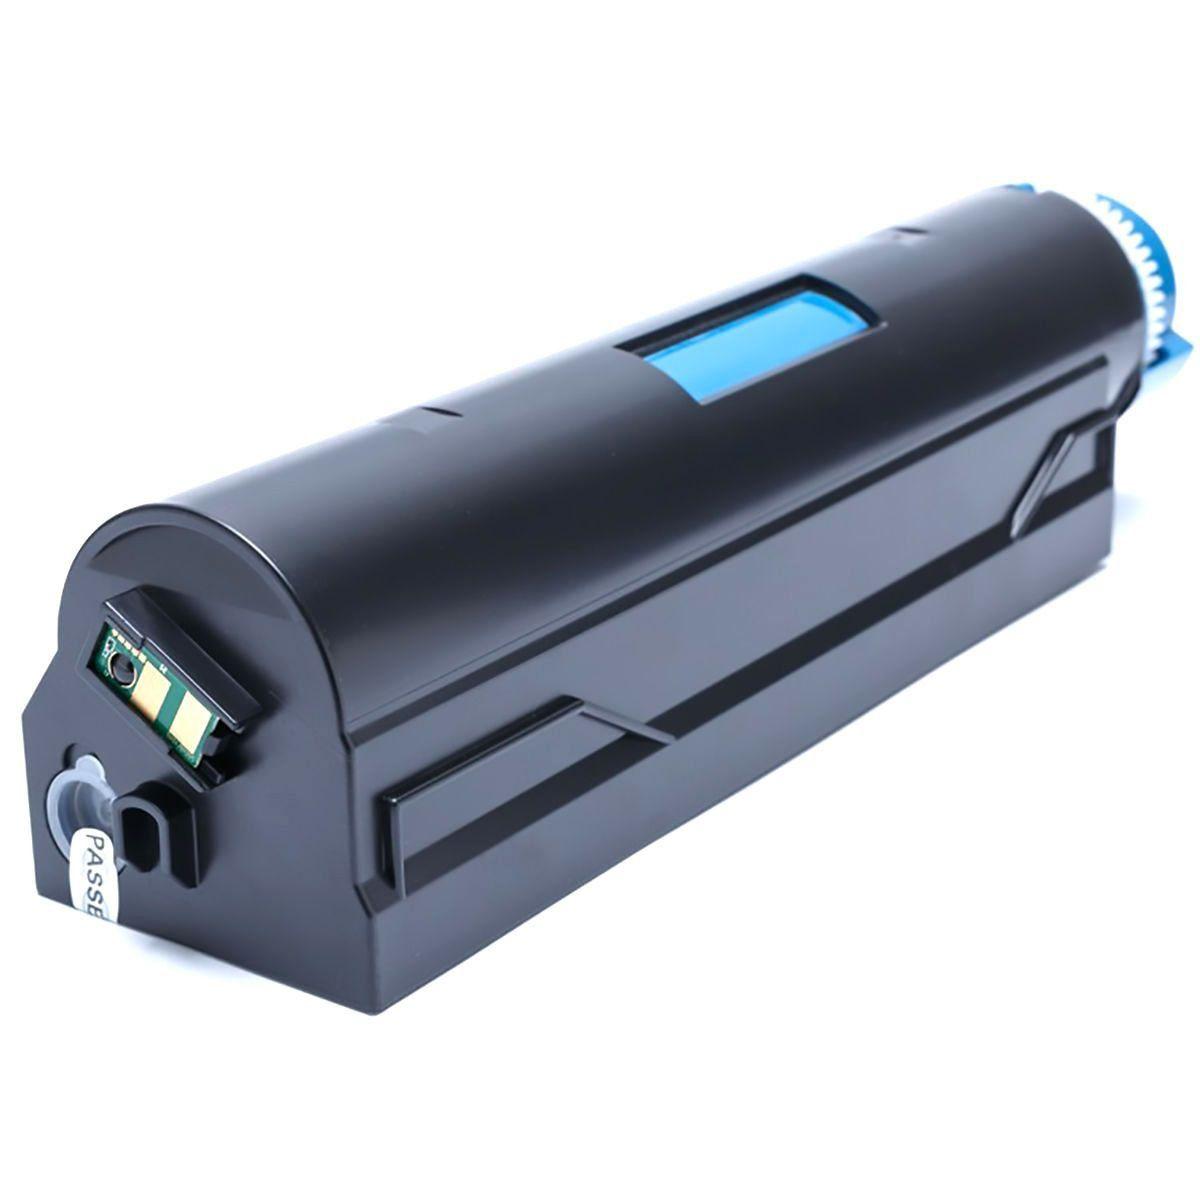 Compatível: Toner B431 B411 B491 para Okidata B431dn B411dn MB491 MB431 B411d B431dn+ MB491+ B431+ / Preto / 10.000